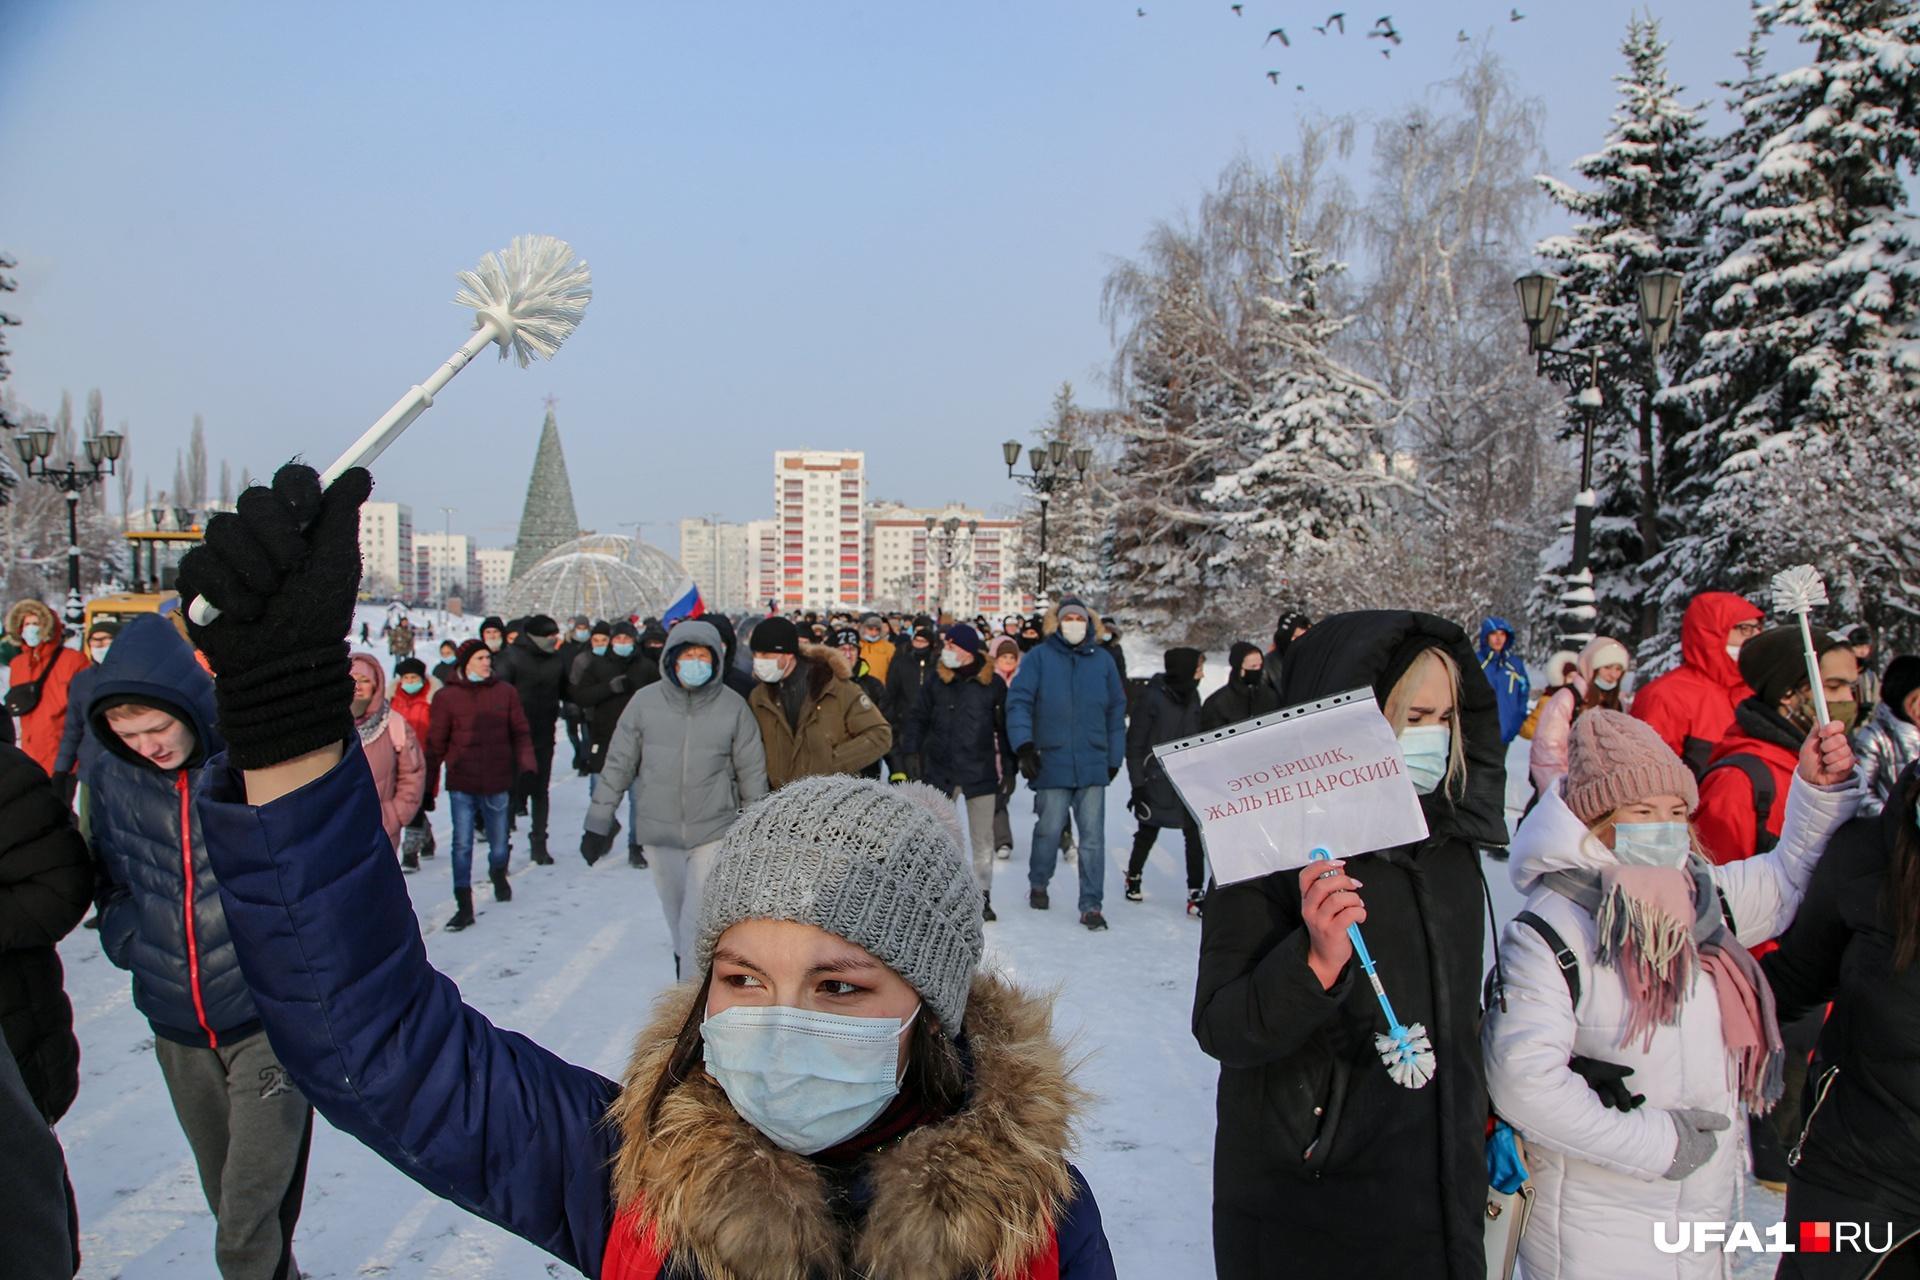 Ершик как символ одного из предыдущих расследований Навального